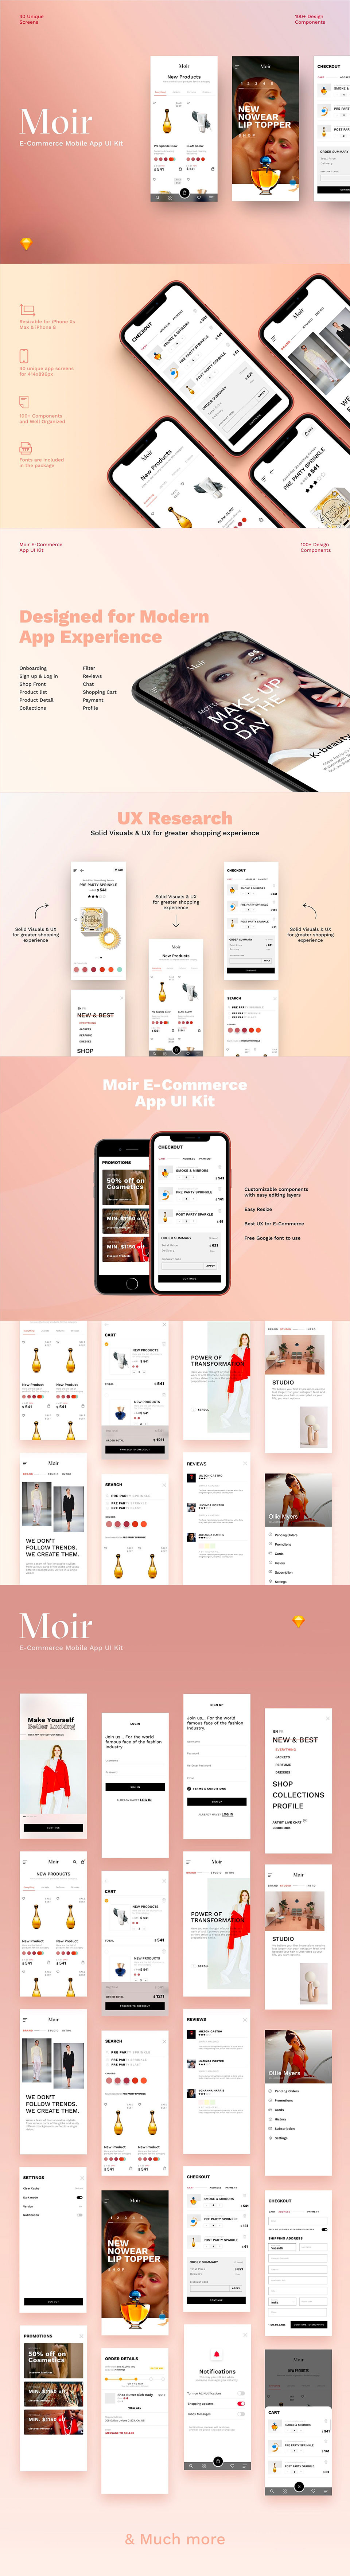 高端时尚的化妆品护肤品 APP UI KIT 模板套装下载 [Sketch] Moir-Ecommerce App